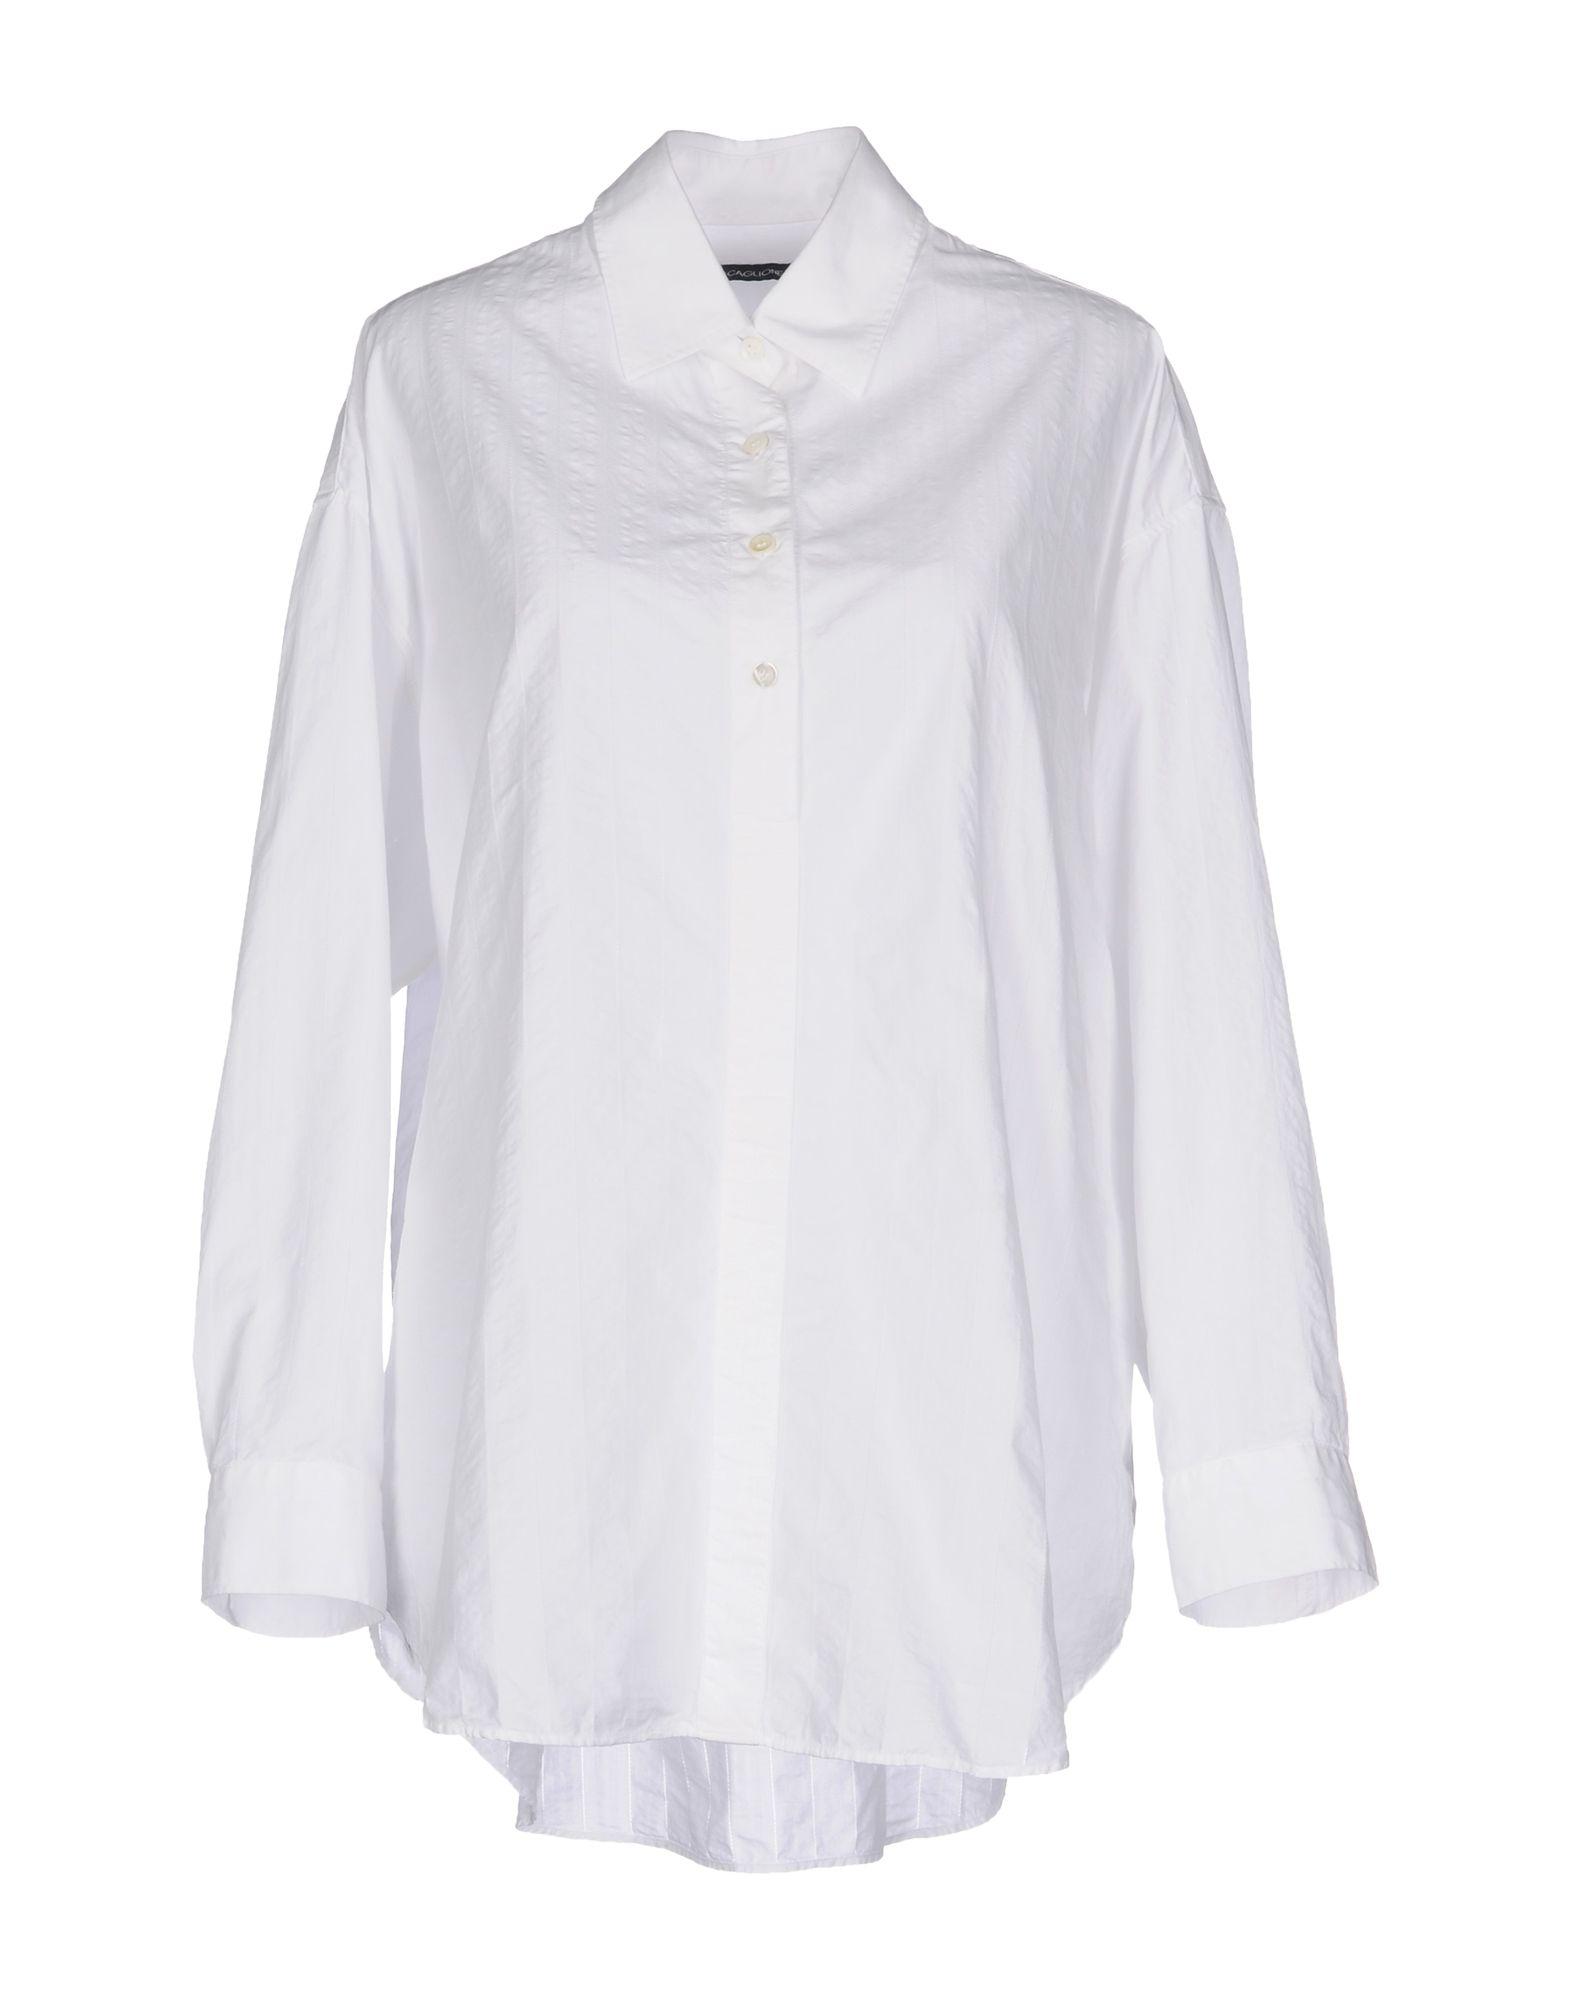 《送料無料》SCAGLIONE CITY レディース シャツ ホワイト 44 コットン 100%